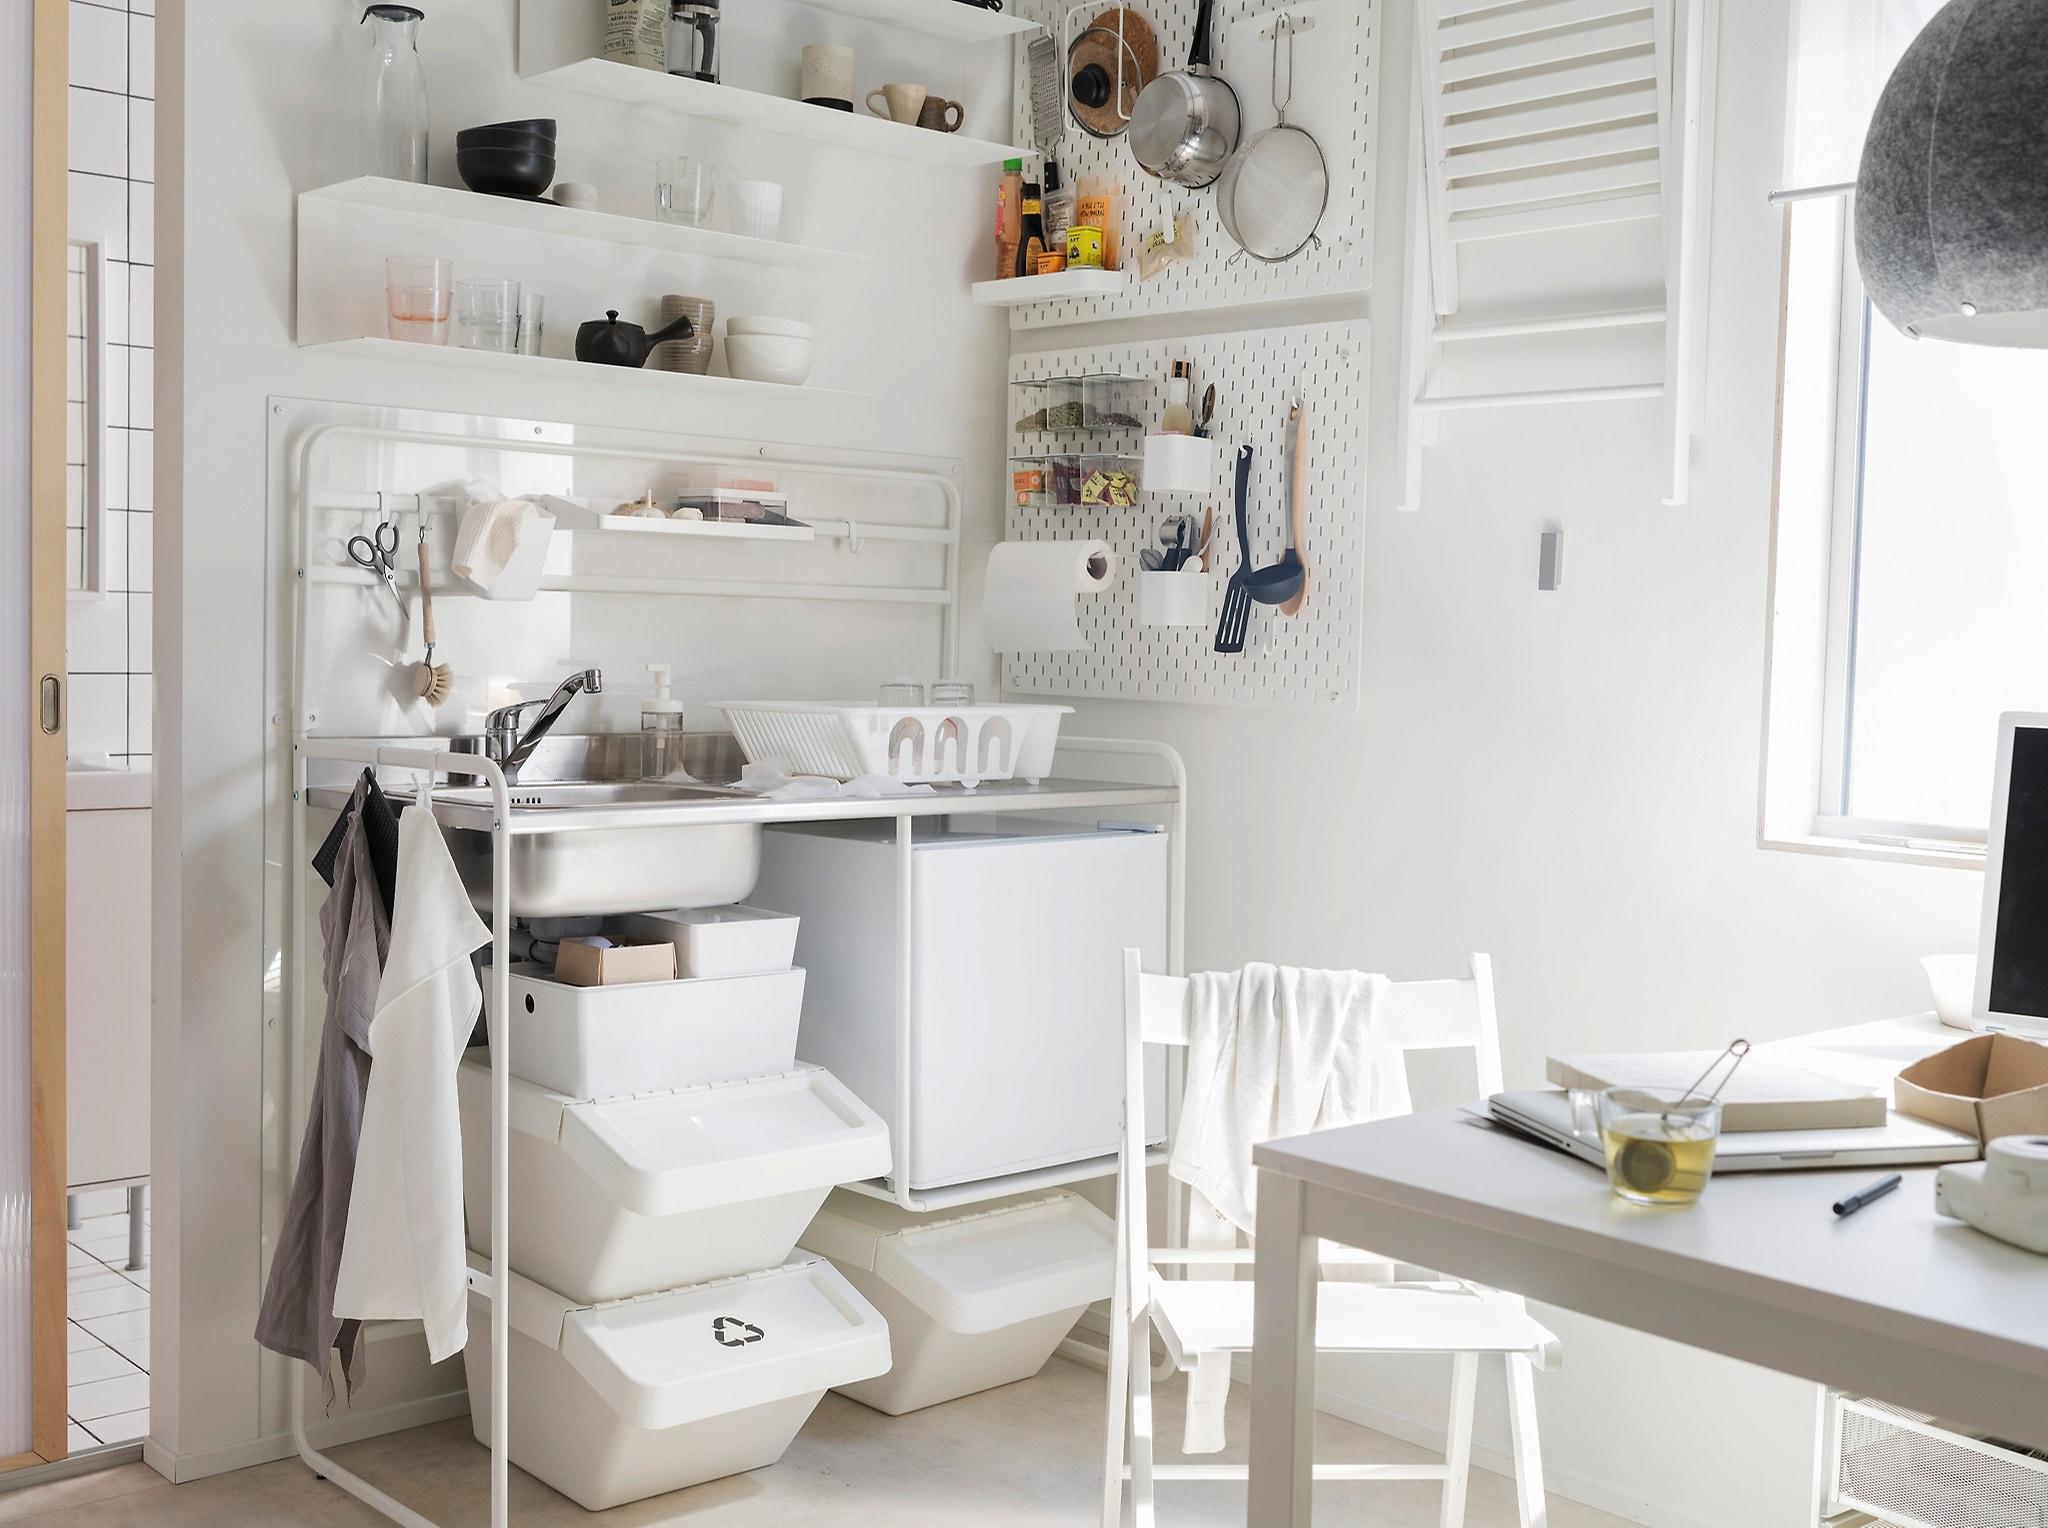 Mobiliario Ikea 9ddf Muebles De Cocina Y Electrodomà Sticos Pra Online Ikea